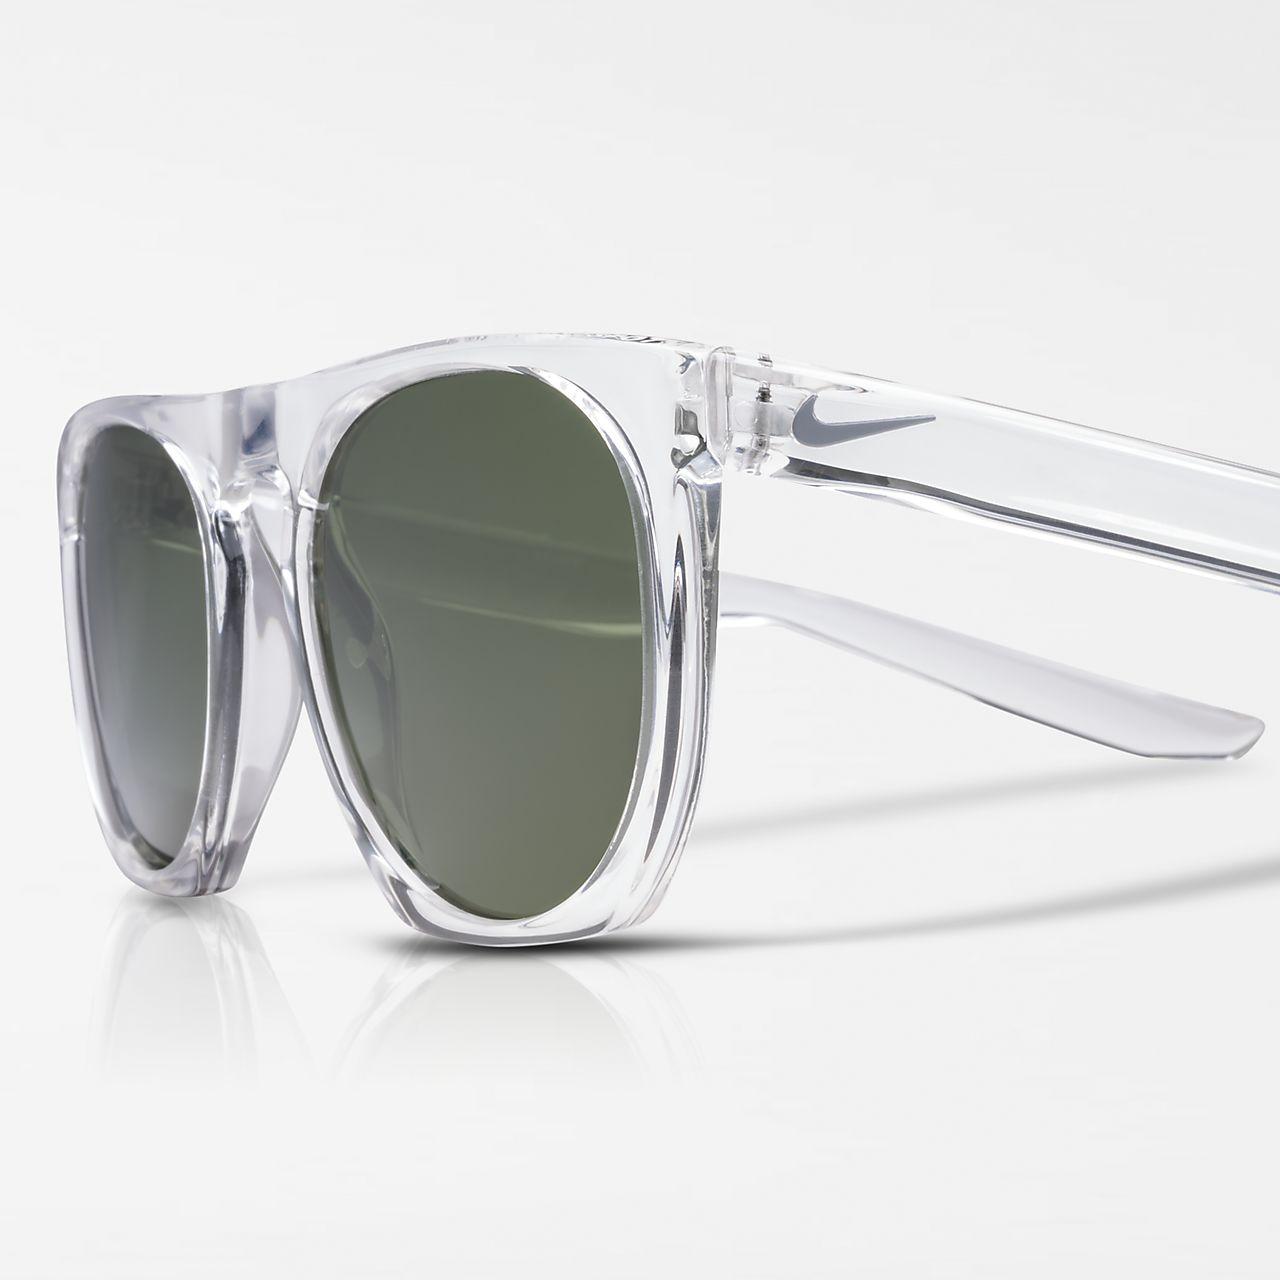 Sluneční brýle Nike Flatspot